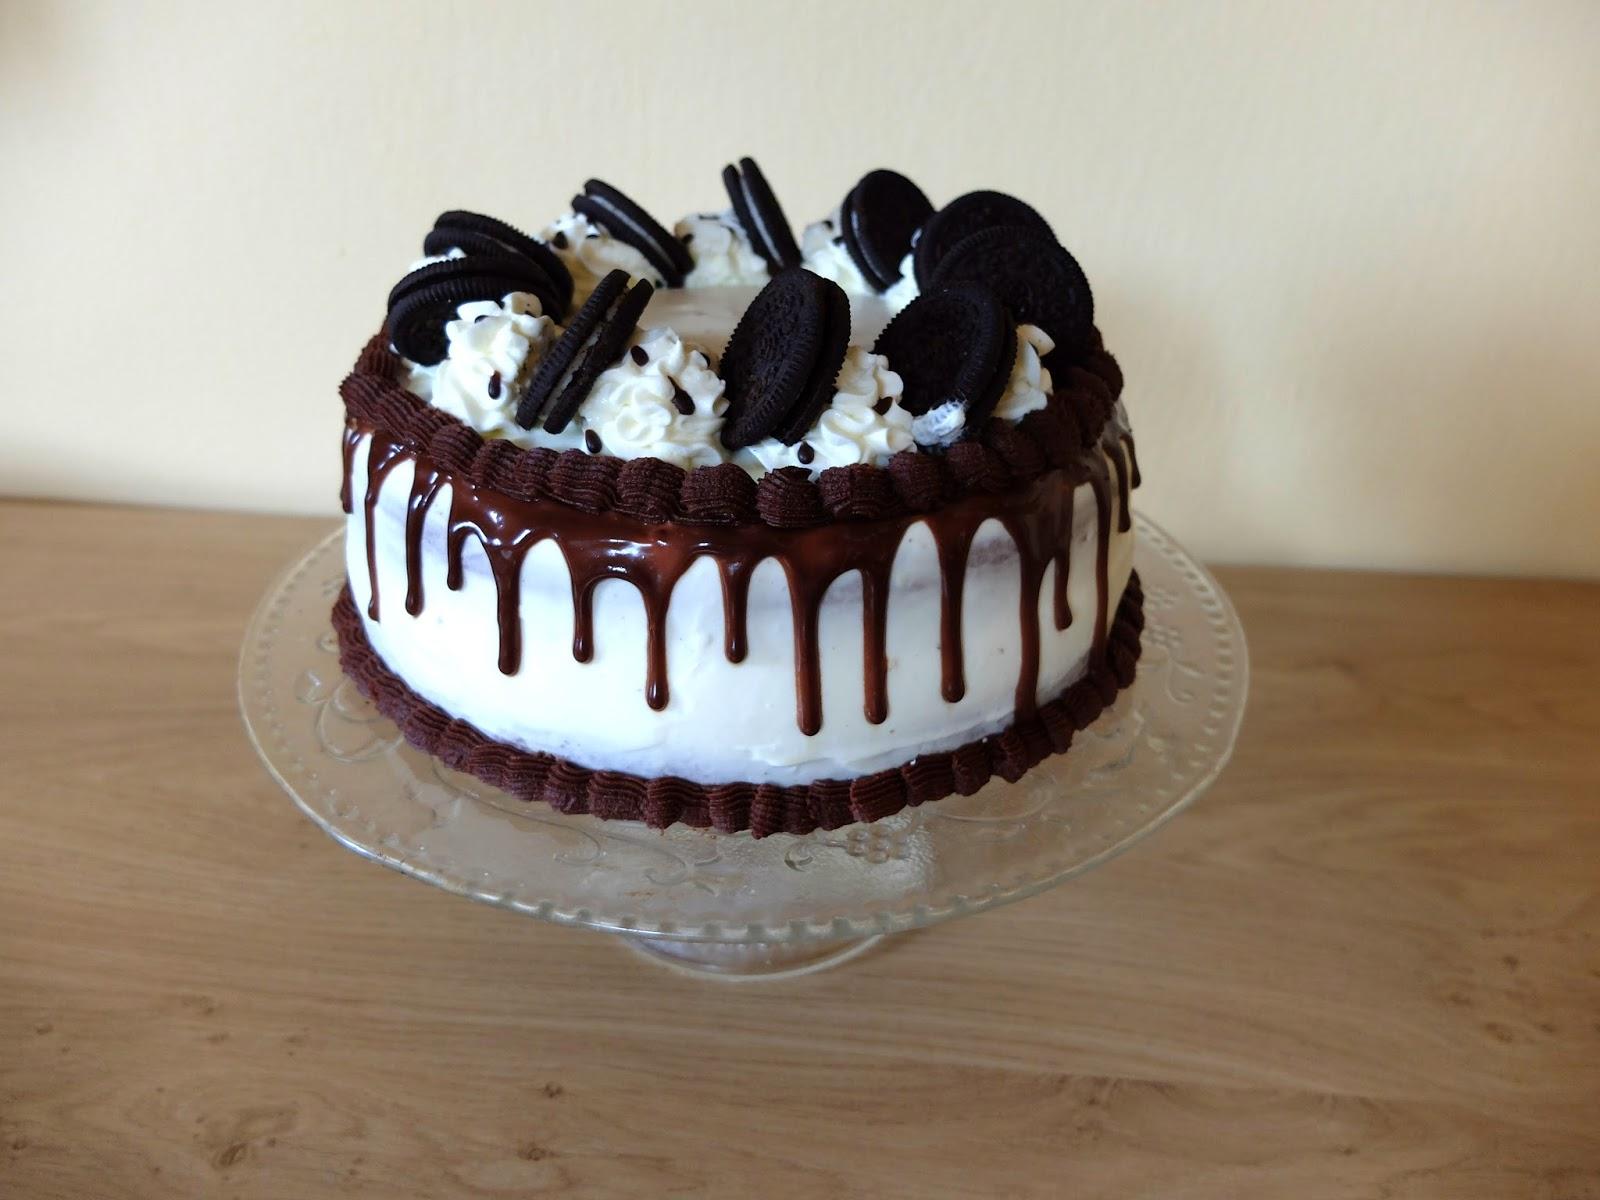 malý dort k narozeninám Oreo dort   Malá Dominika malý dort k narozeninám